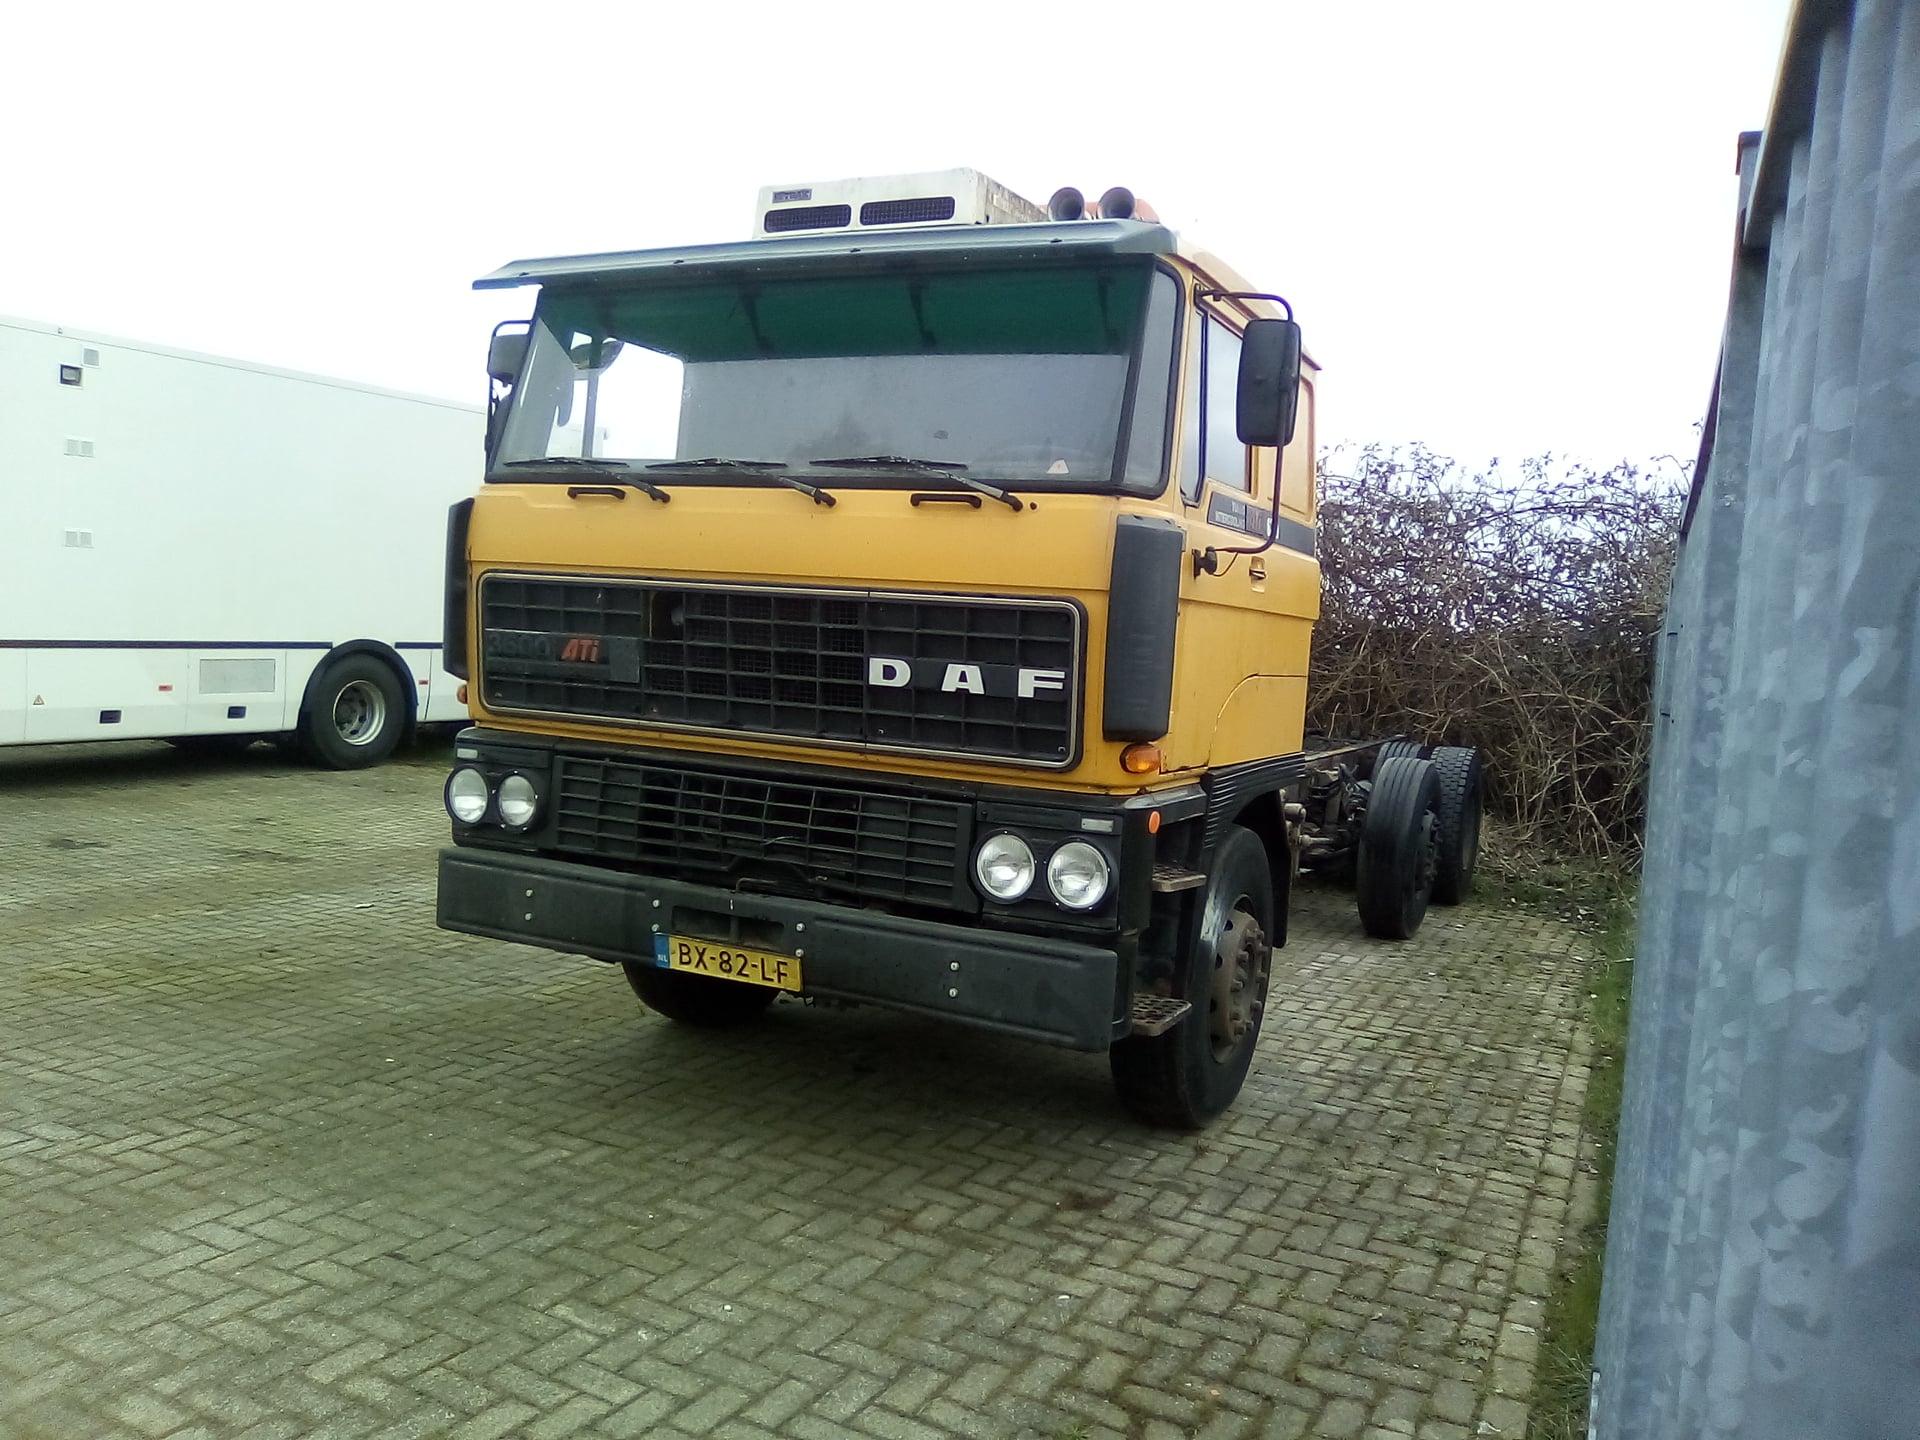 DAF-2800-in-rust-(1)